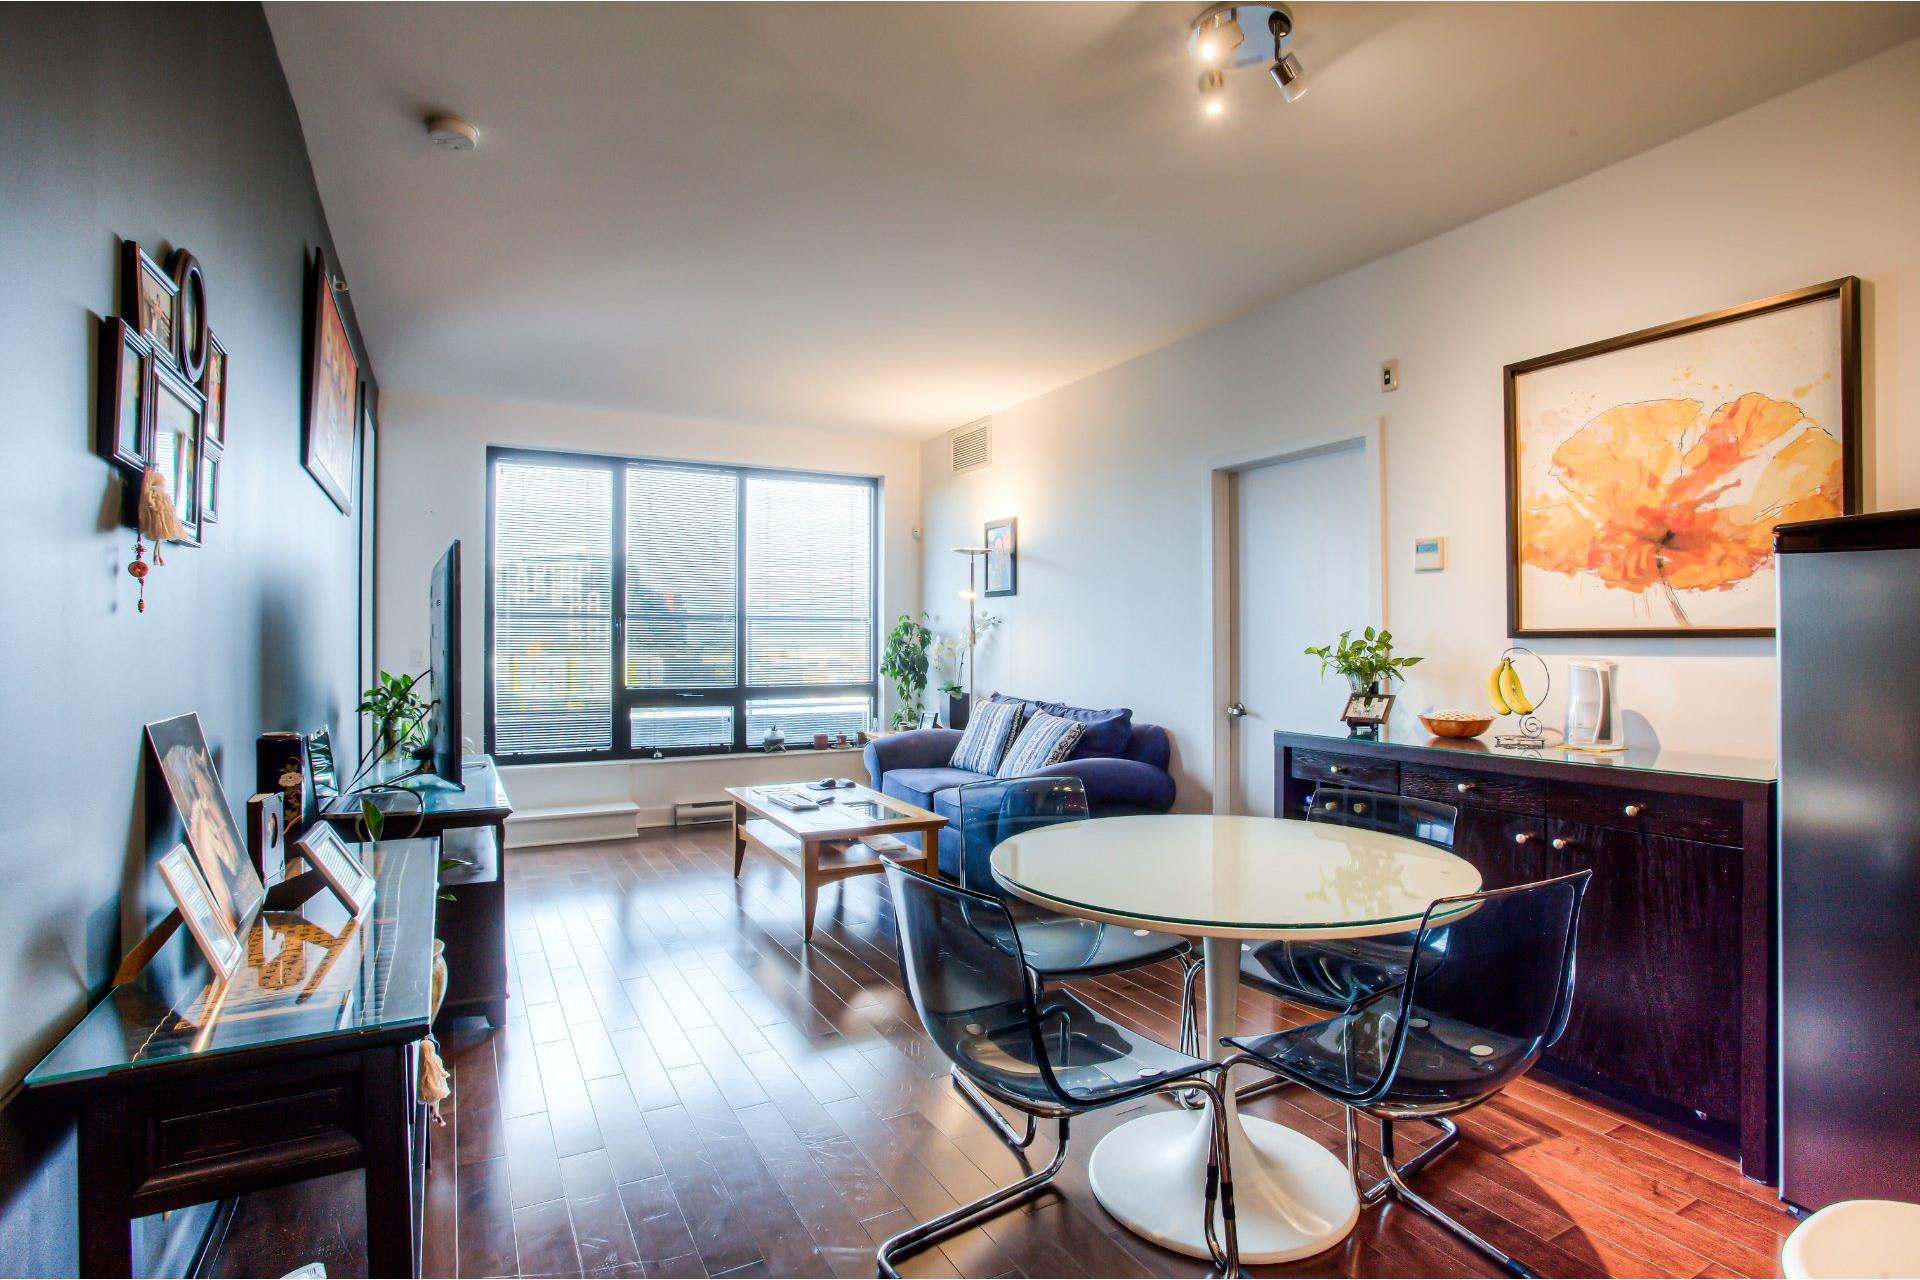 image 8 - Apartment For rent Côte-des-Neiges/Notre-Dame-de-Grâce Montréal  - 5 rooms